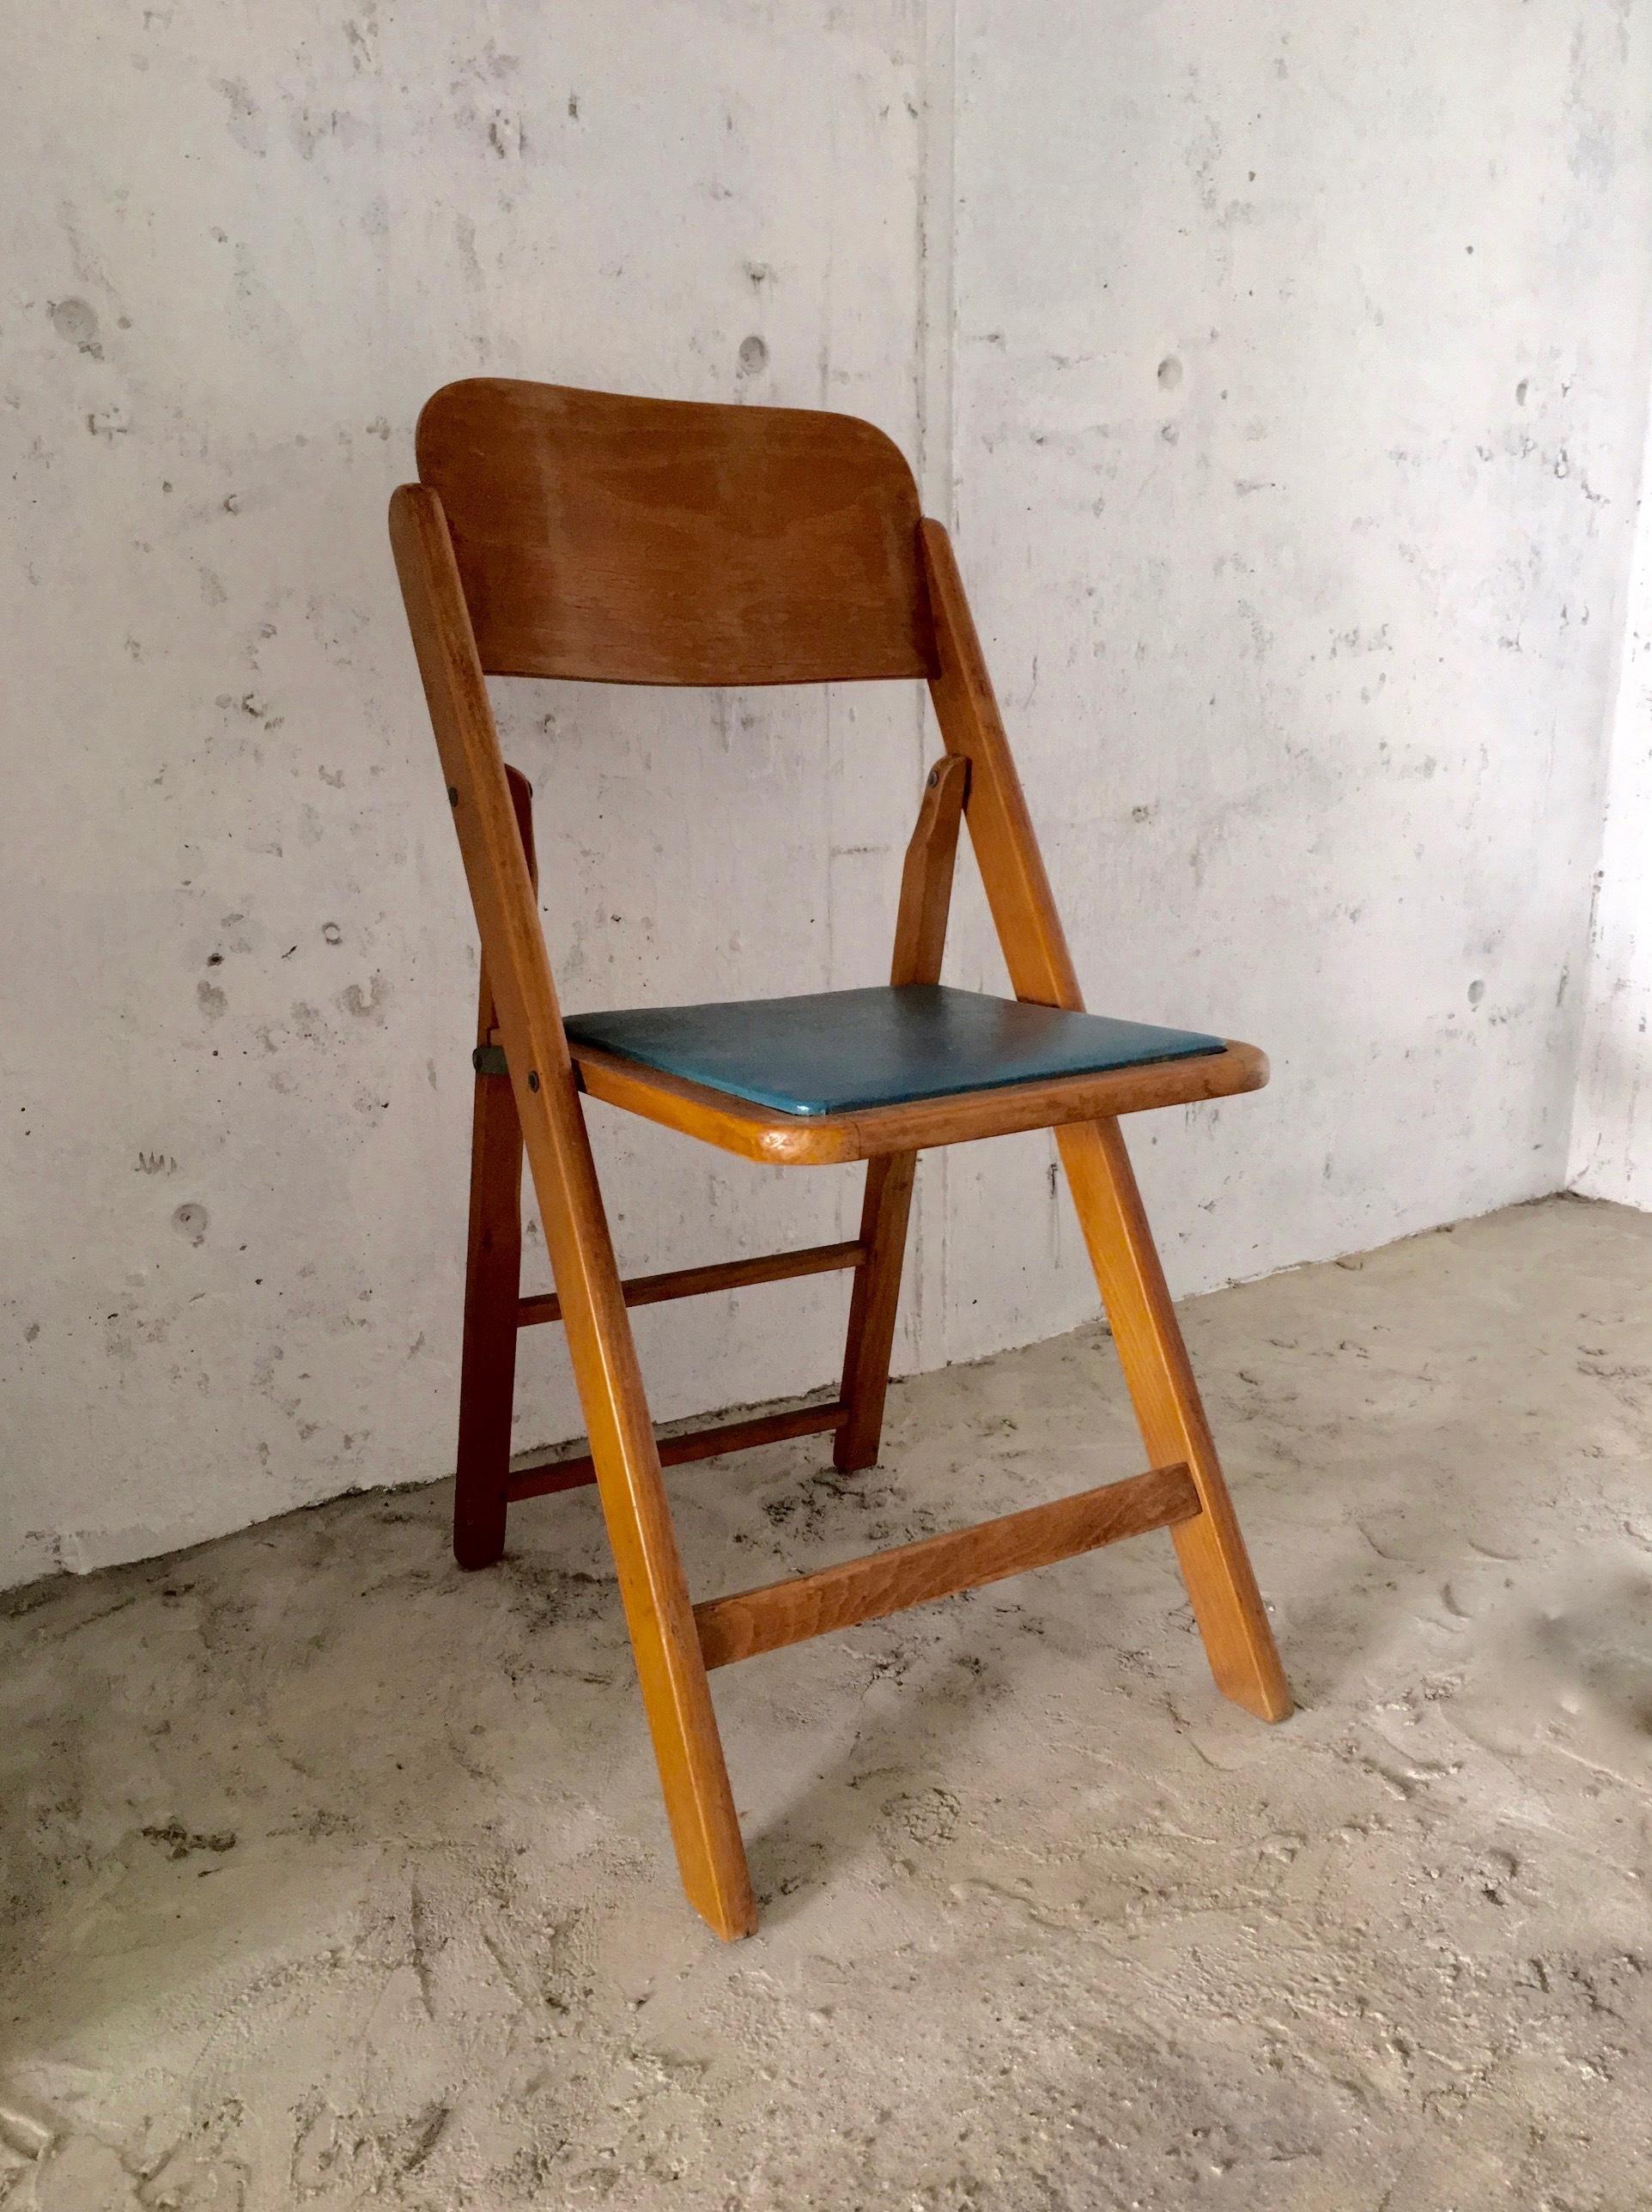 レトロな木味のチェア[古家具]